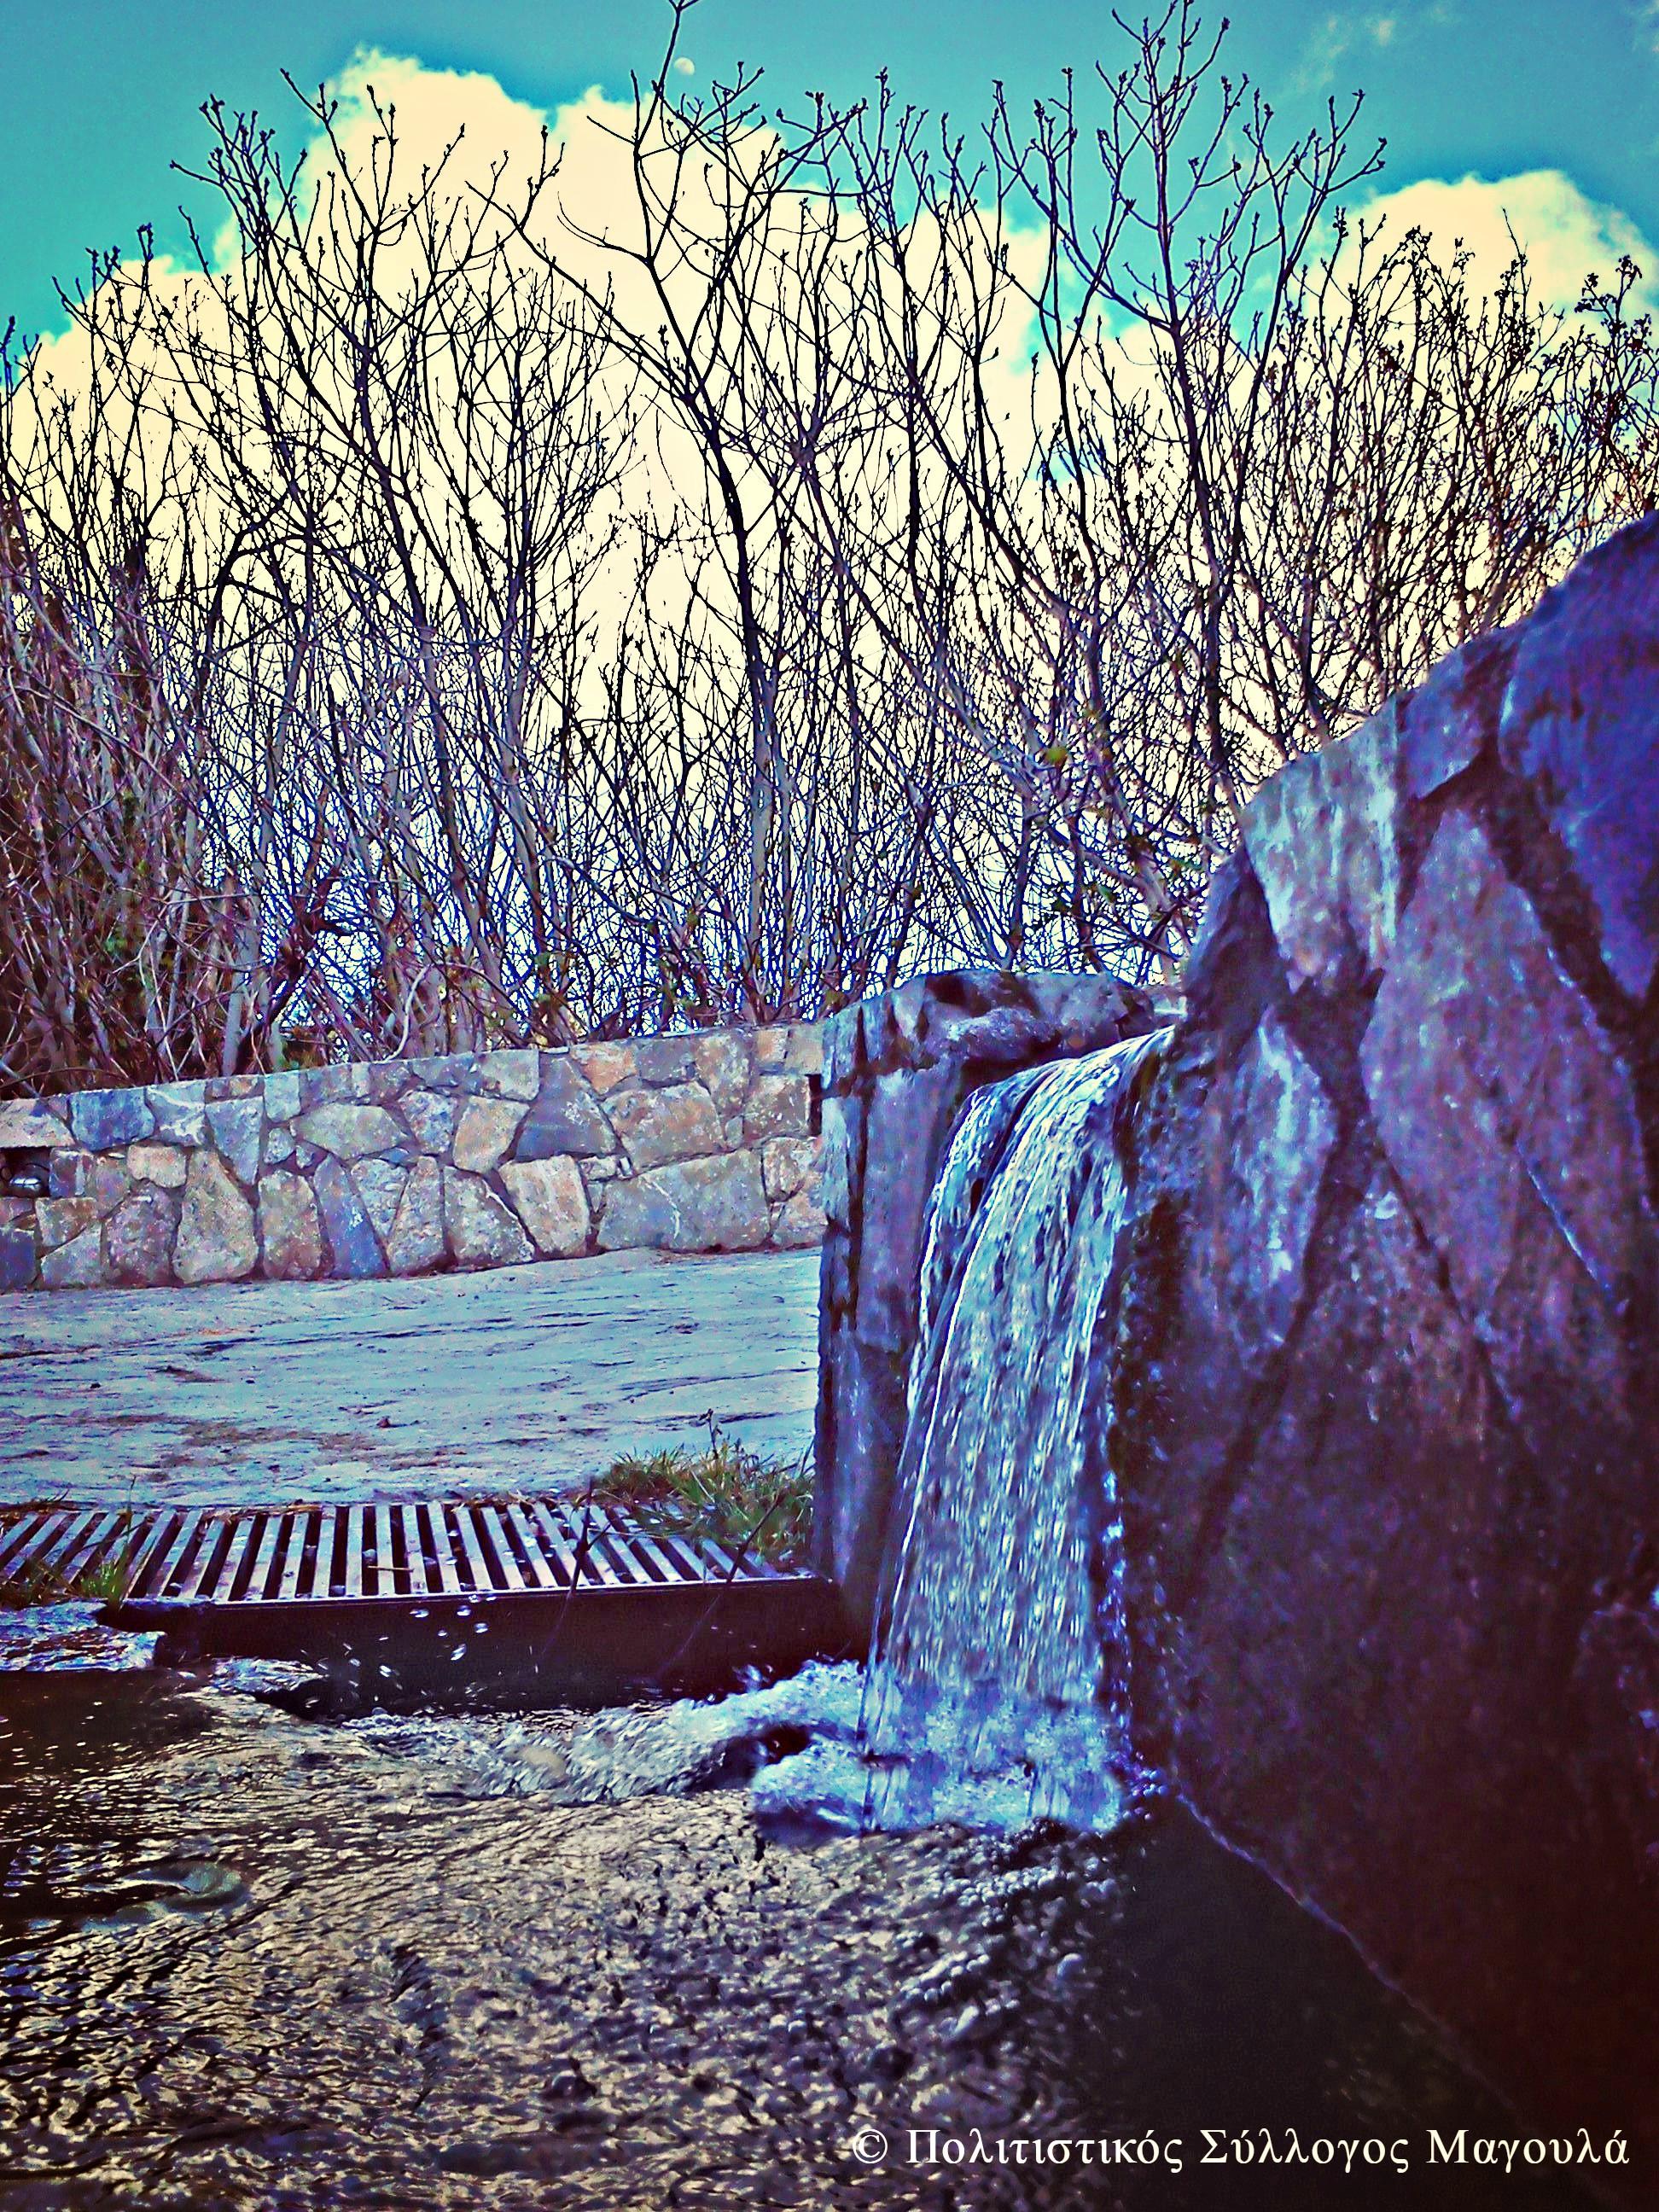 Νερό που τρέχει από τη στέρνα